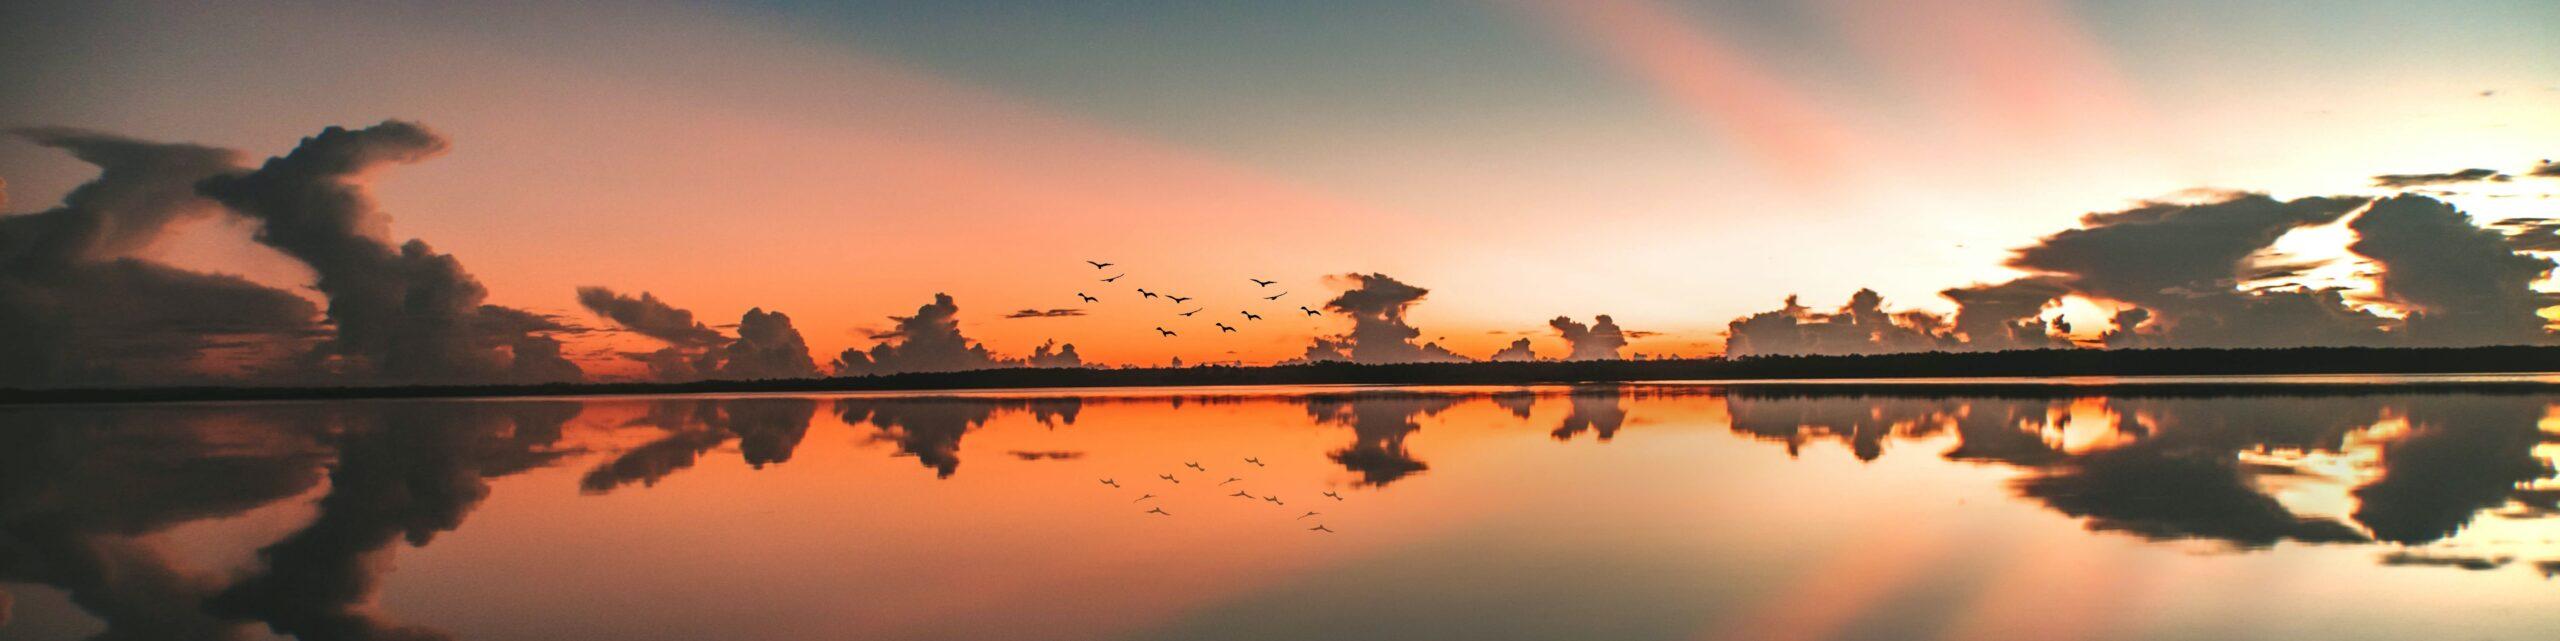 לייקלנד, פלורידה